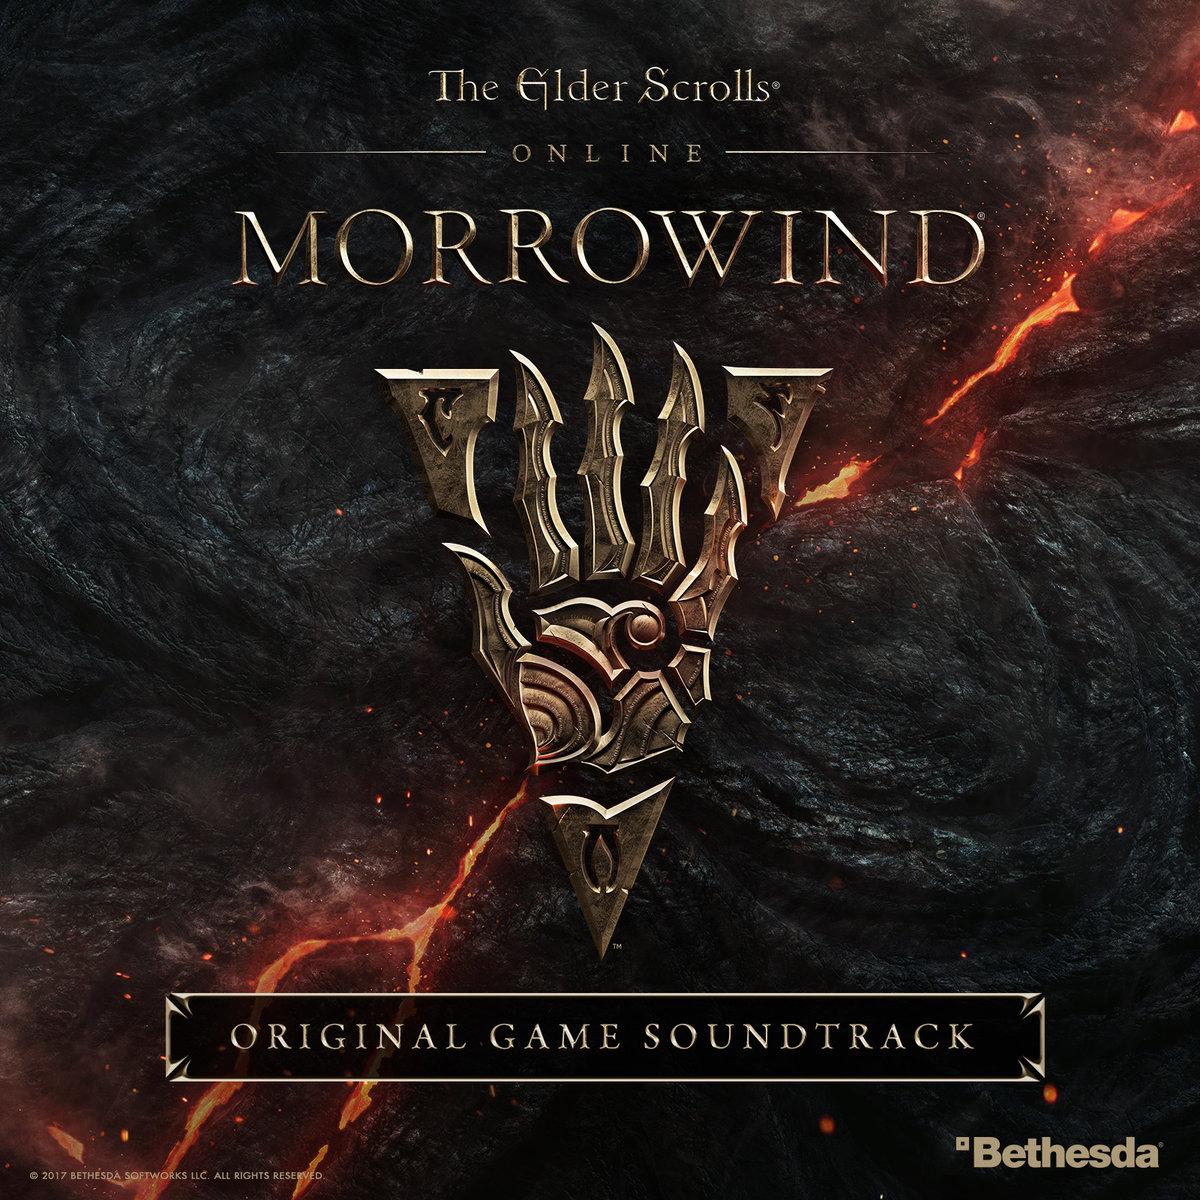 The Elder Scrolls Online - Original Game Soundtrack - YouTube